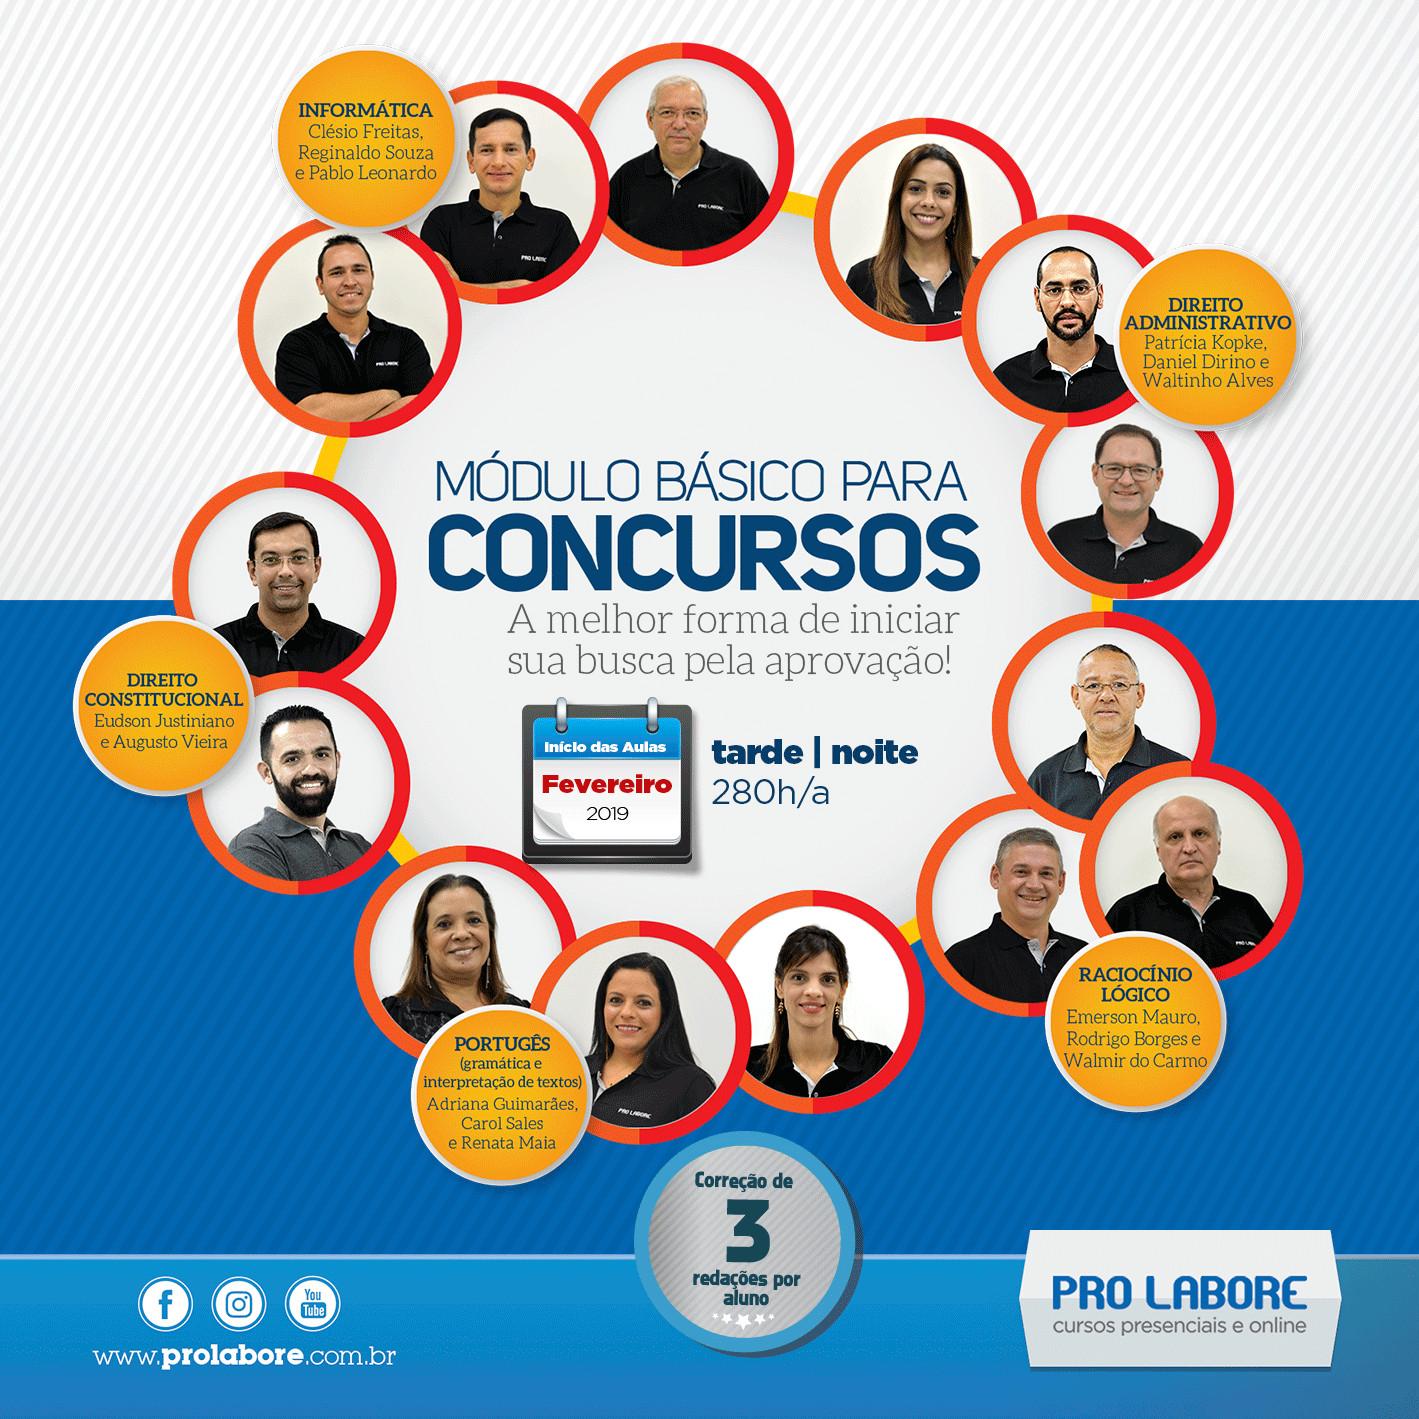 Curso OAB online: Pro Labore - Imagem 2